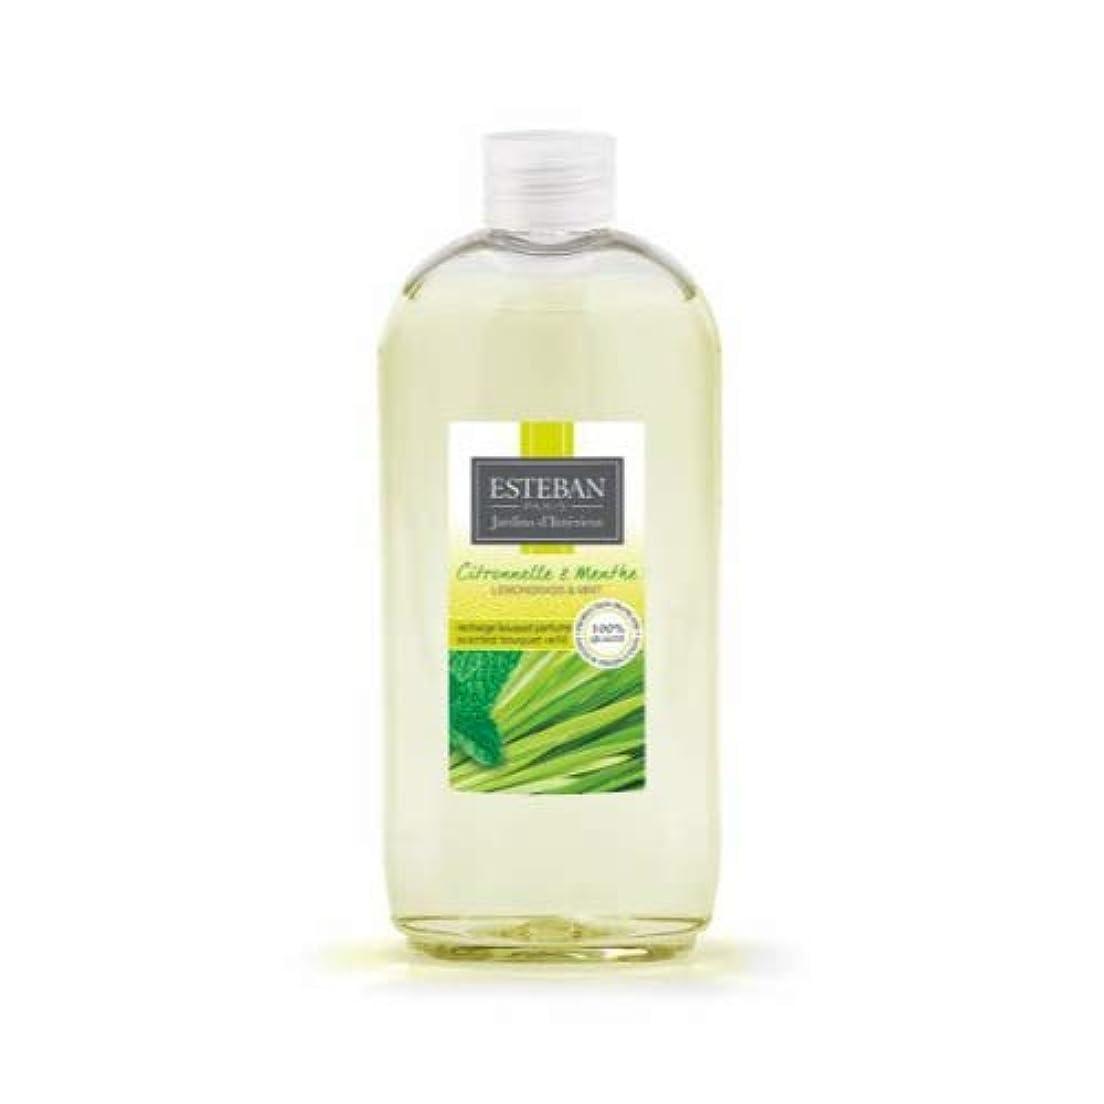 ESTEBAN Jardins d'Interieur(インテリアガーデン) LEMONGRASS&MINT(レモングラス&ミント) フレグランスリフィル300ml